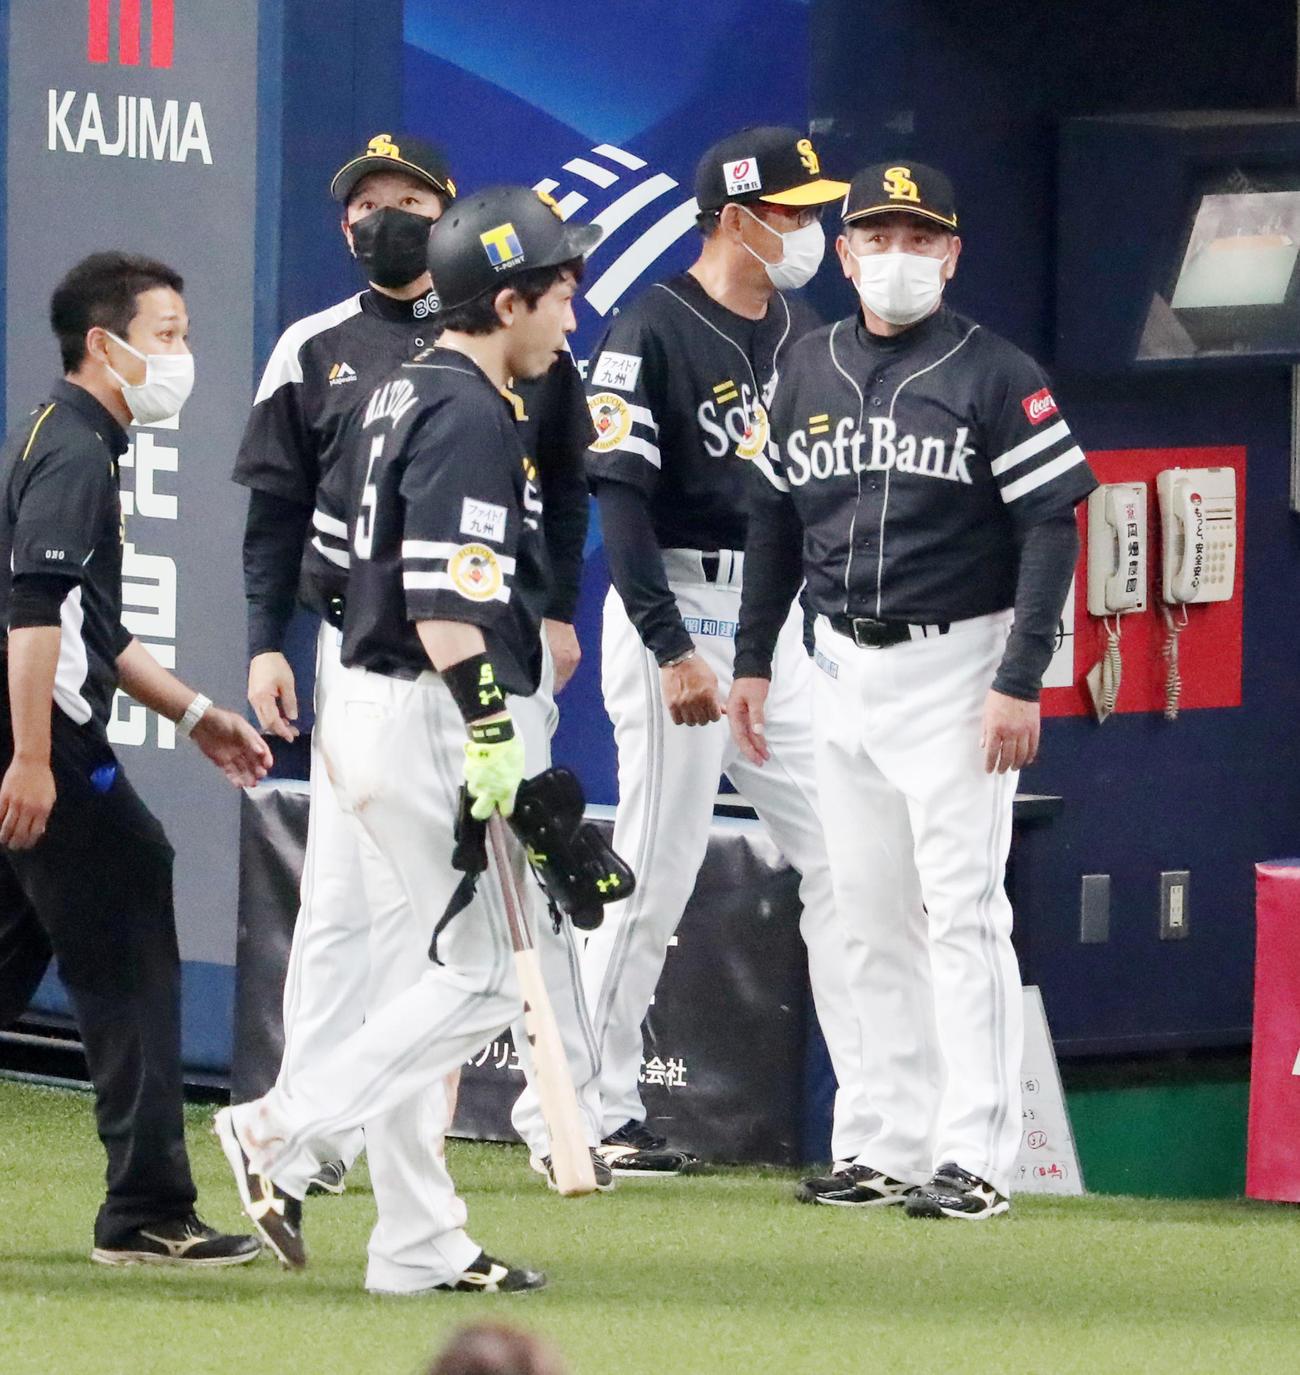 オリックス対ソフトバンク(練習試合) 8回表ソフトバンク2死一塁、松田宣浩(左)は頭部に死球を受けベンチへ引き揚げる、右は工藤公康監督(撮影・加藤哉)